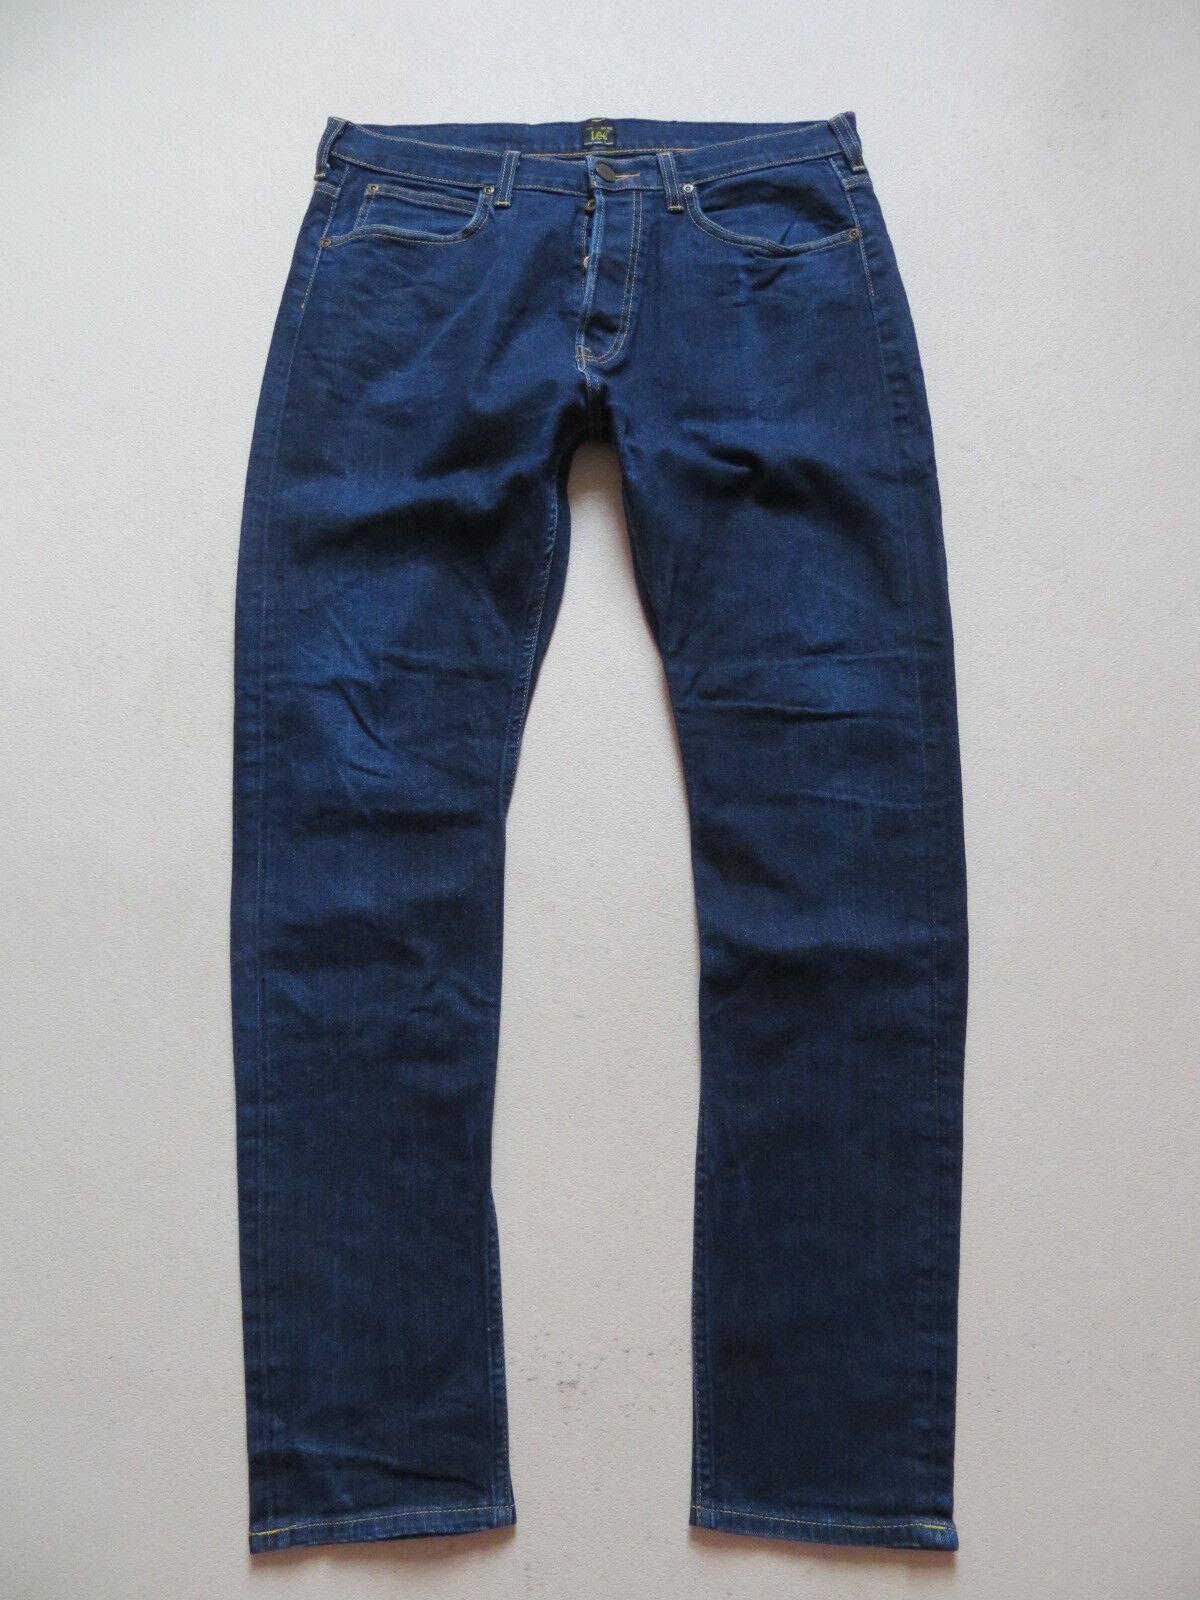 Lee HEATH slim Fit taperot Jeans Hose, W 34  L 34, Dark Indigo Stretch Denim  | Sonderangebot  | Zarte  | Hohe Qualität und Wirtschaftlichkeit